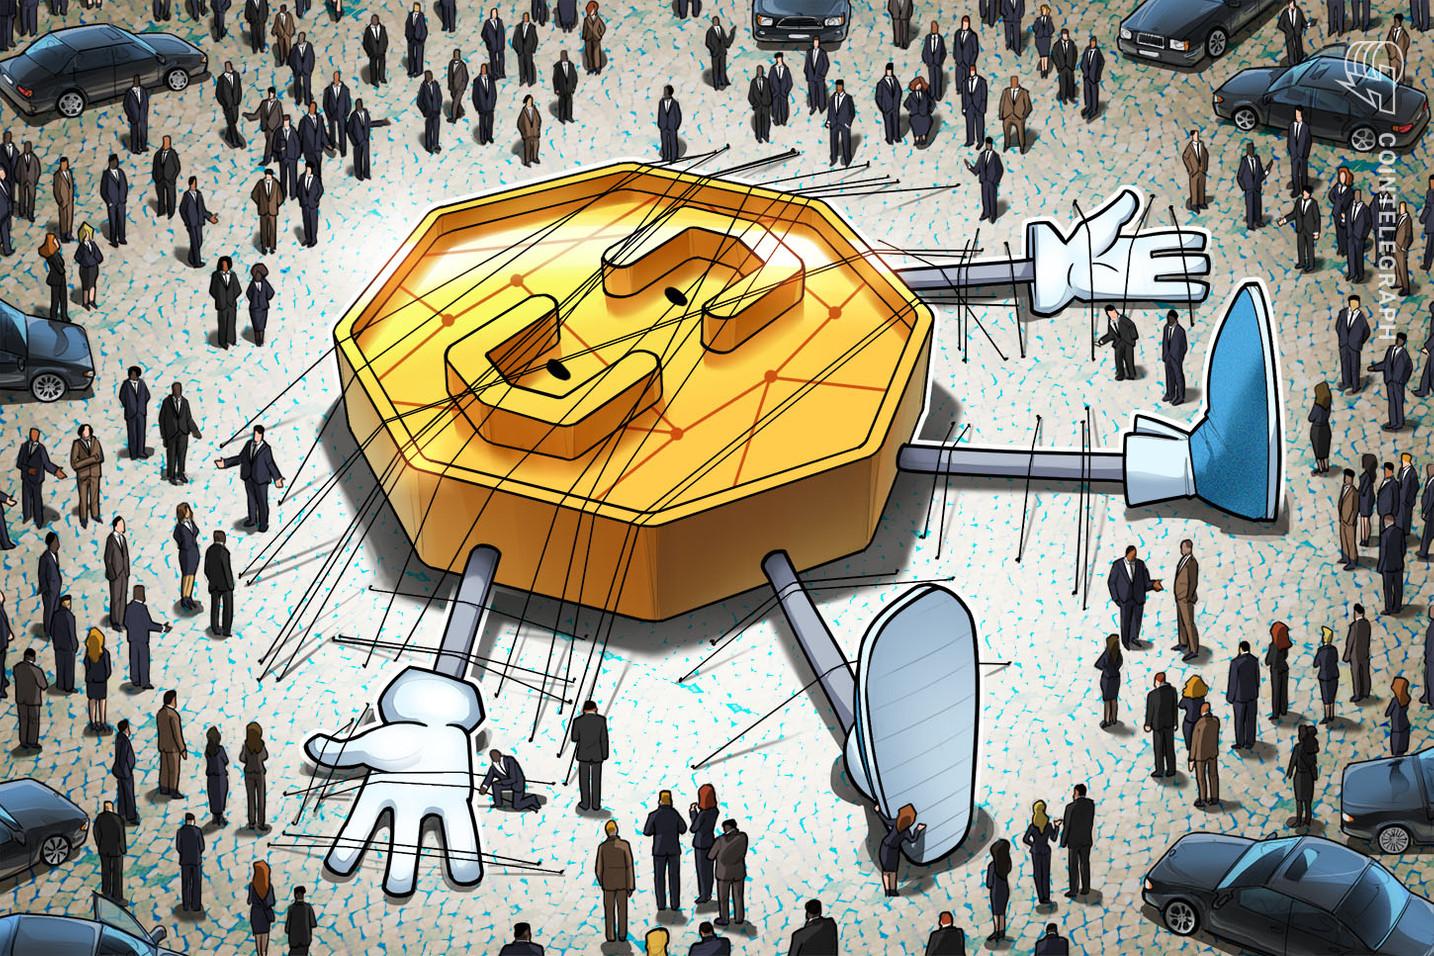 La regulación de DeFi no debe acabar con los valores de la descentralización